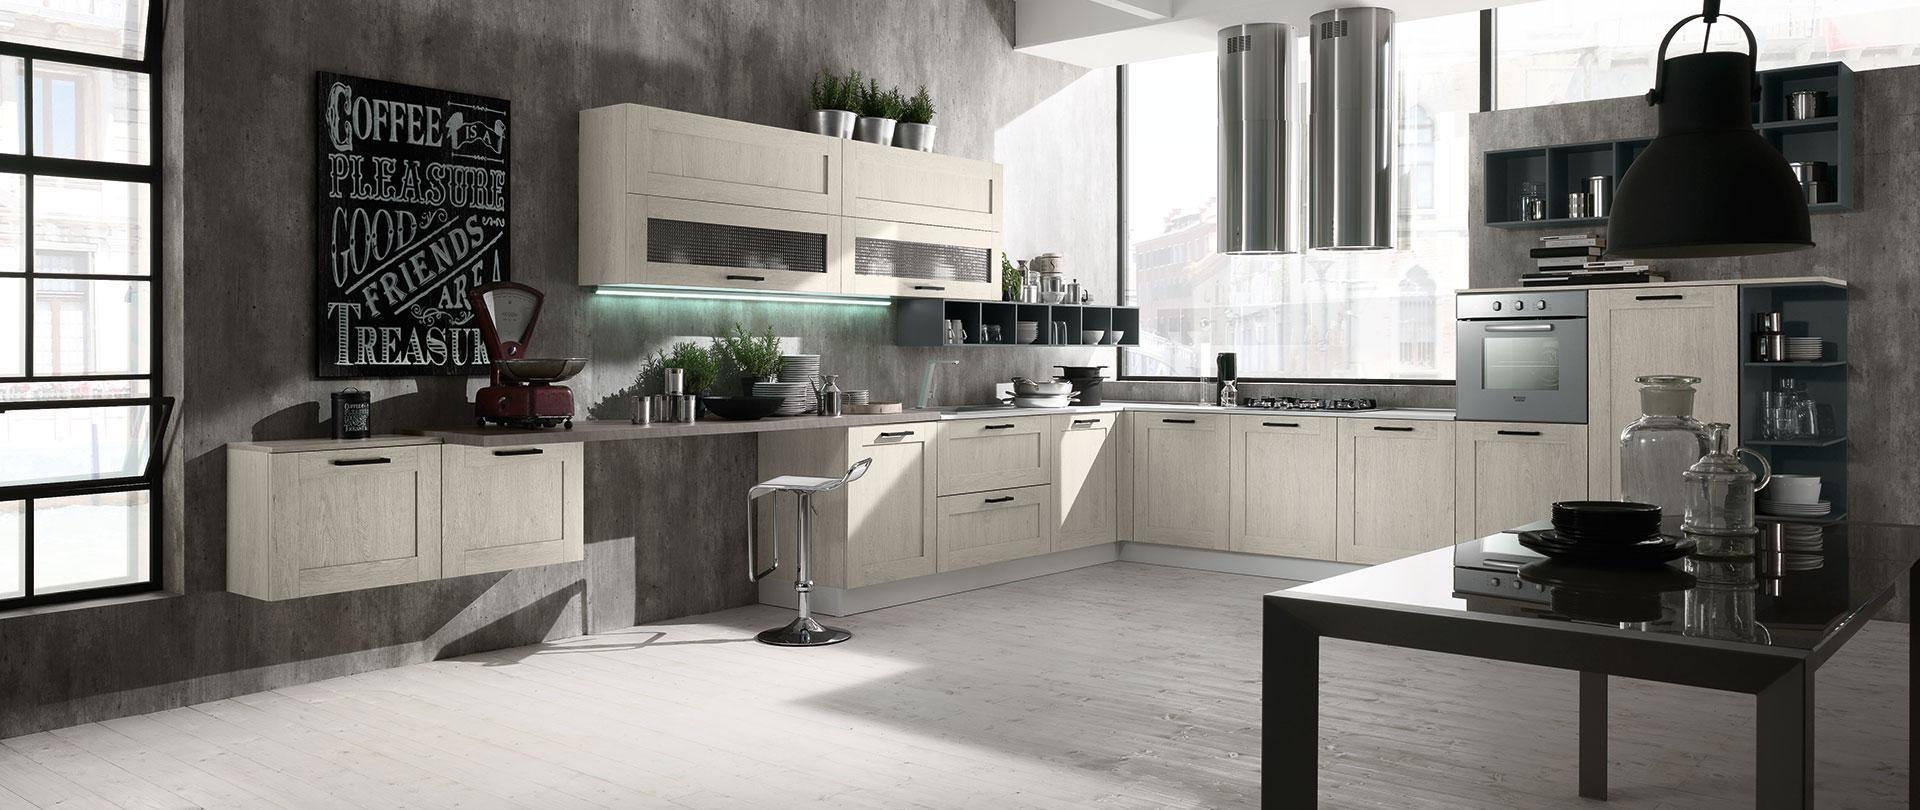 Cucine componibili moderne arredomente | ARREDOMENTE srl